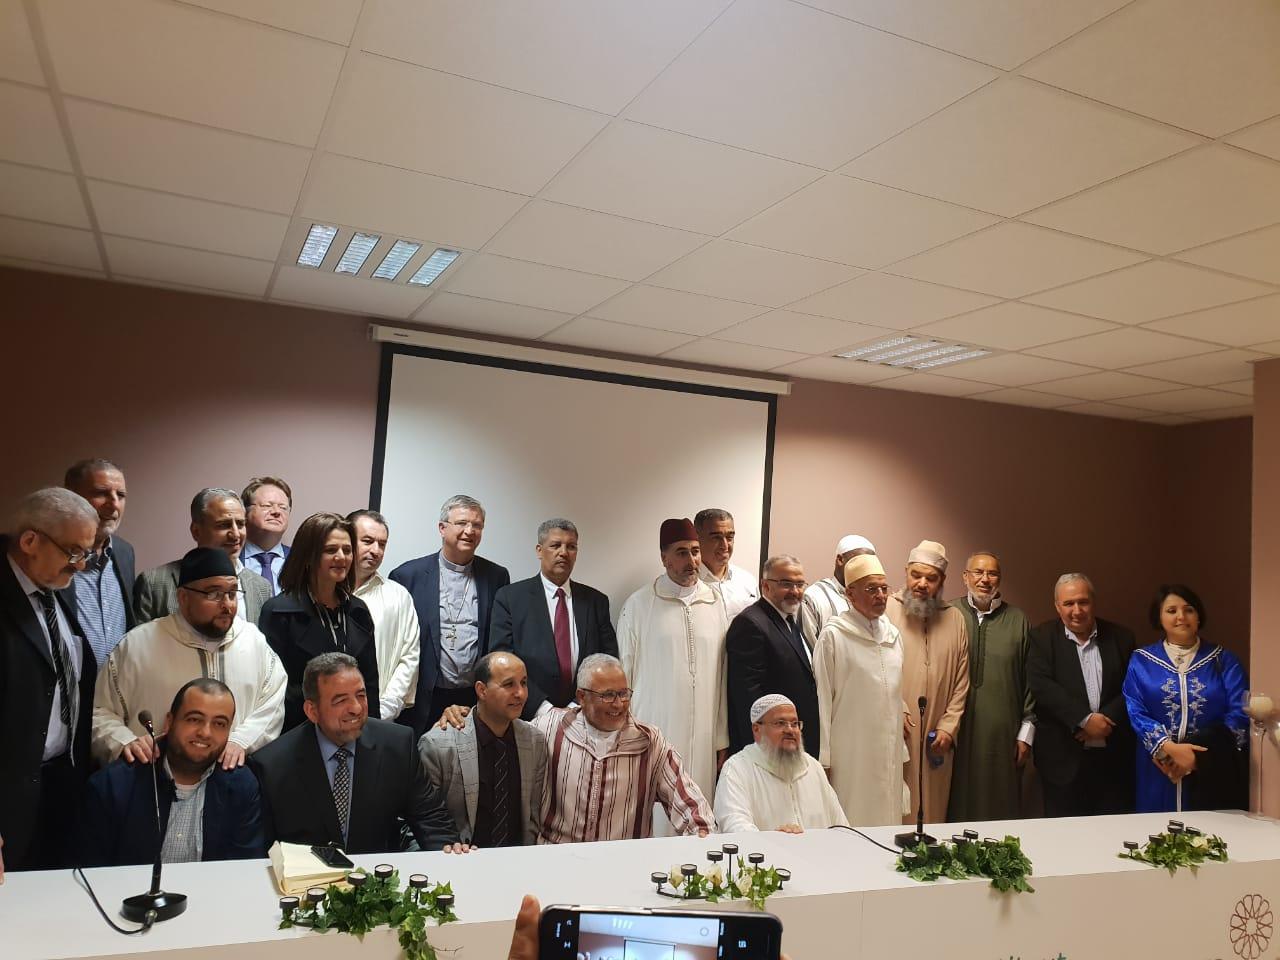 معهد جسر الأمانة للدراسات الإسلامية و فدرالية مساجد فلاندر ينظمان حفل إفطار بأنفرس.